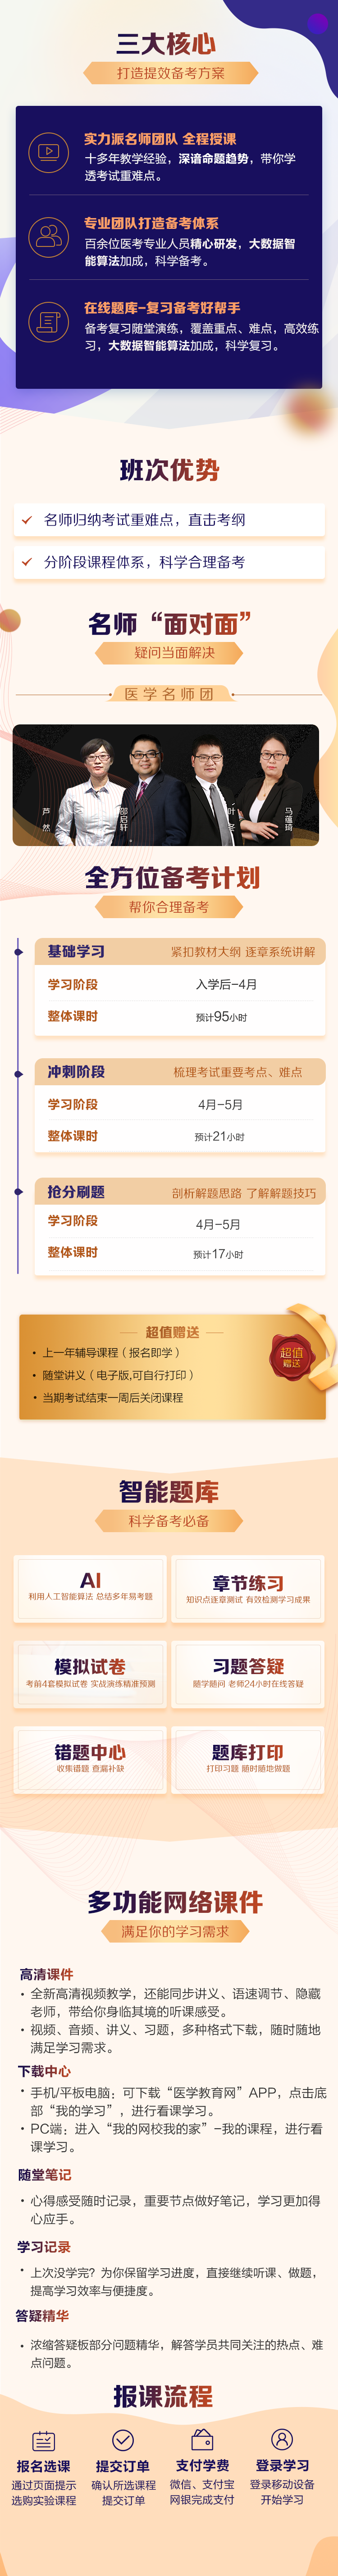 医学教育网护士资格无忧实验班【全科】